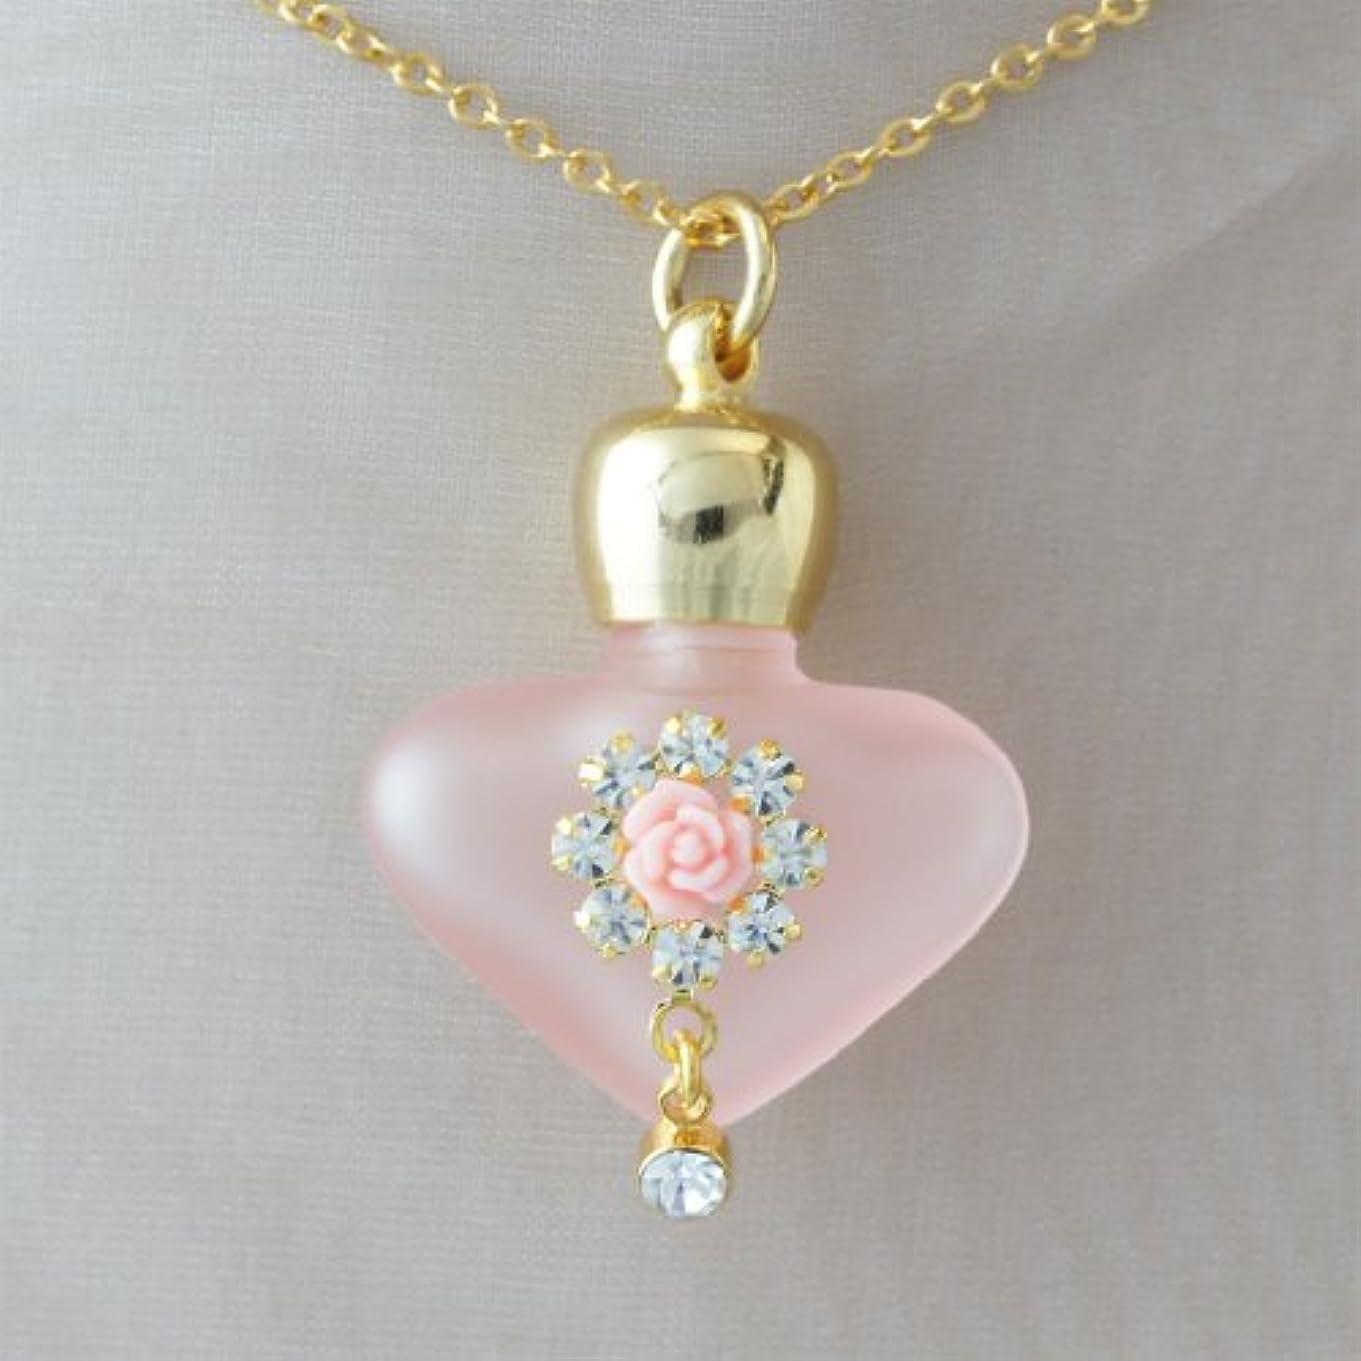 泥沼オフセットスロット【天使の小瓶】 ハートフラワー (ピンク)